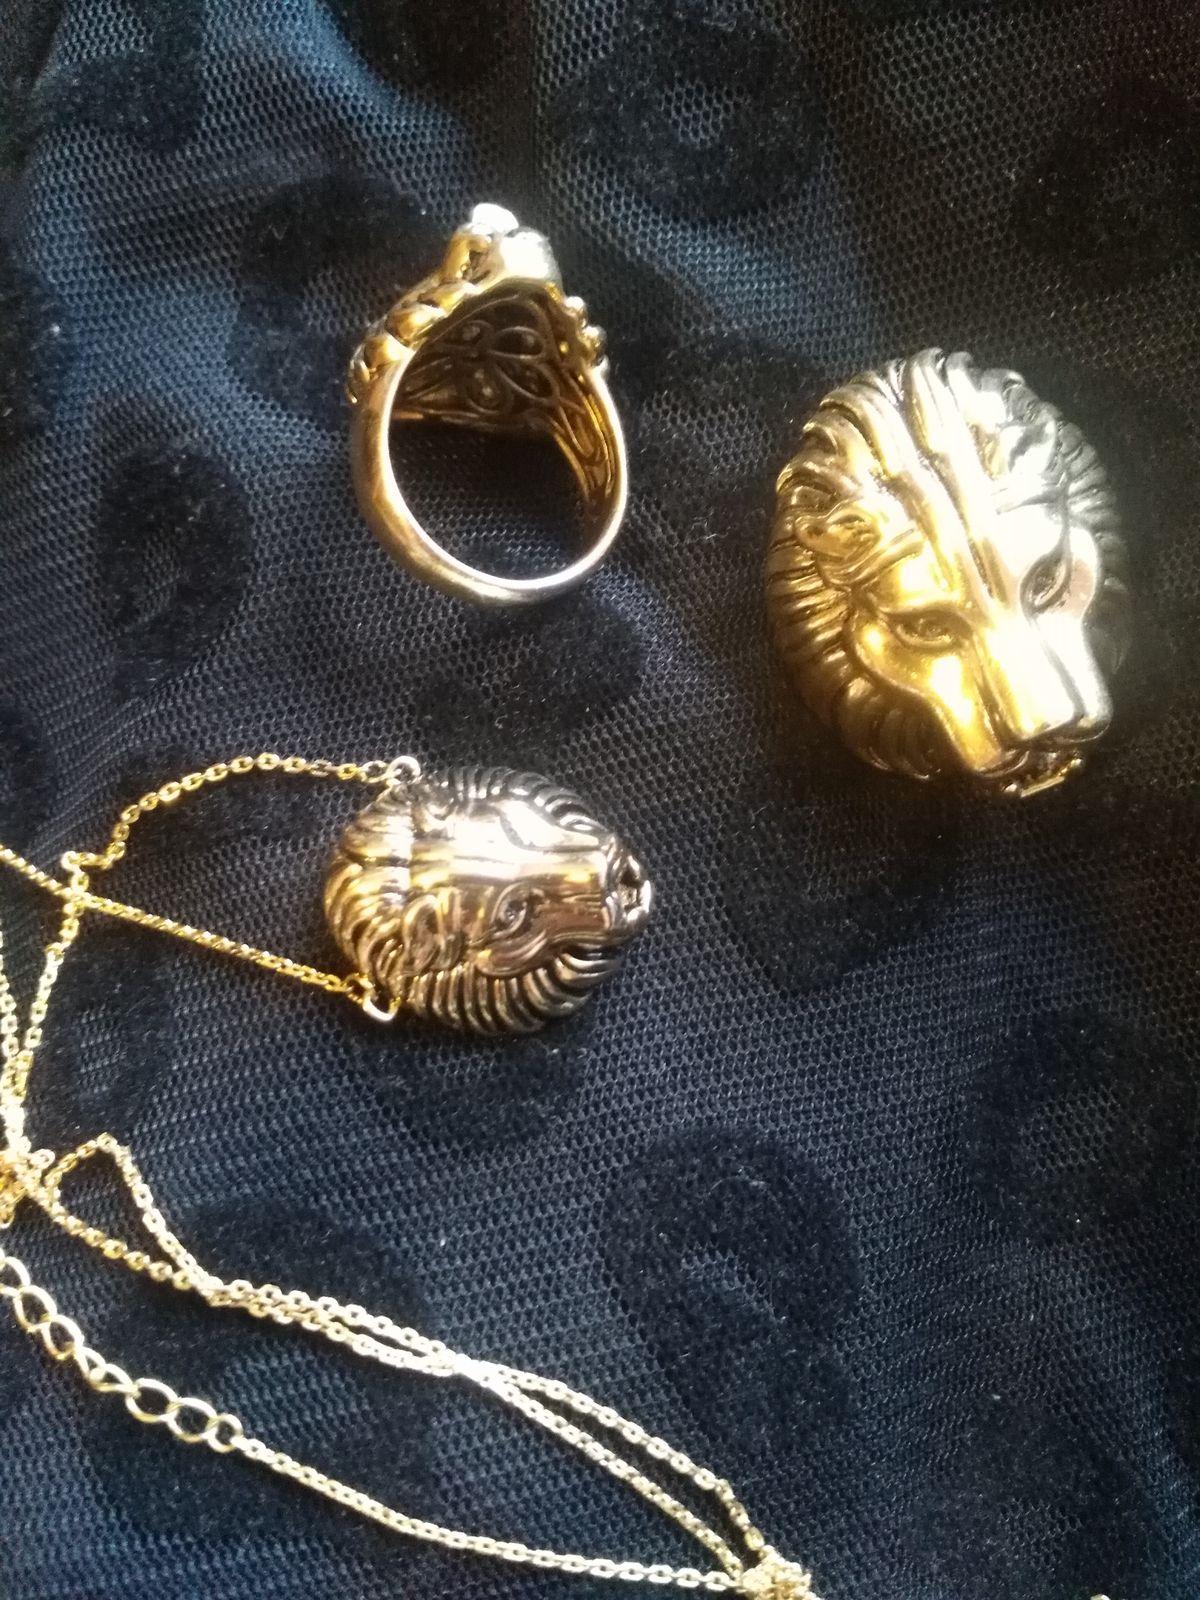 Оригинальное и яркое кольцо, носить удобно, не мешает, на пальце сидит ок)